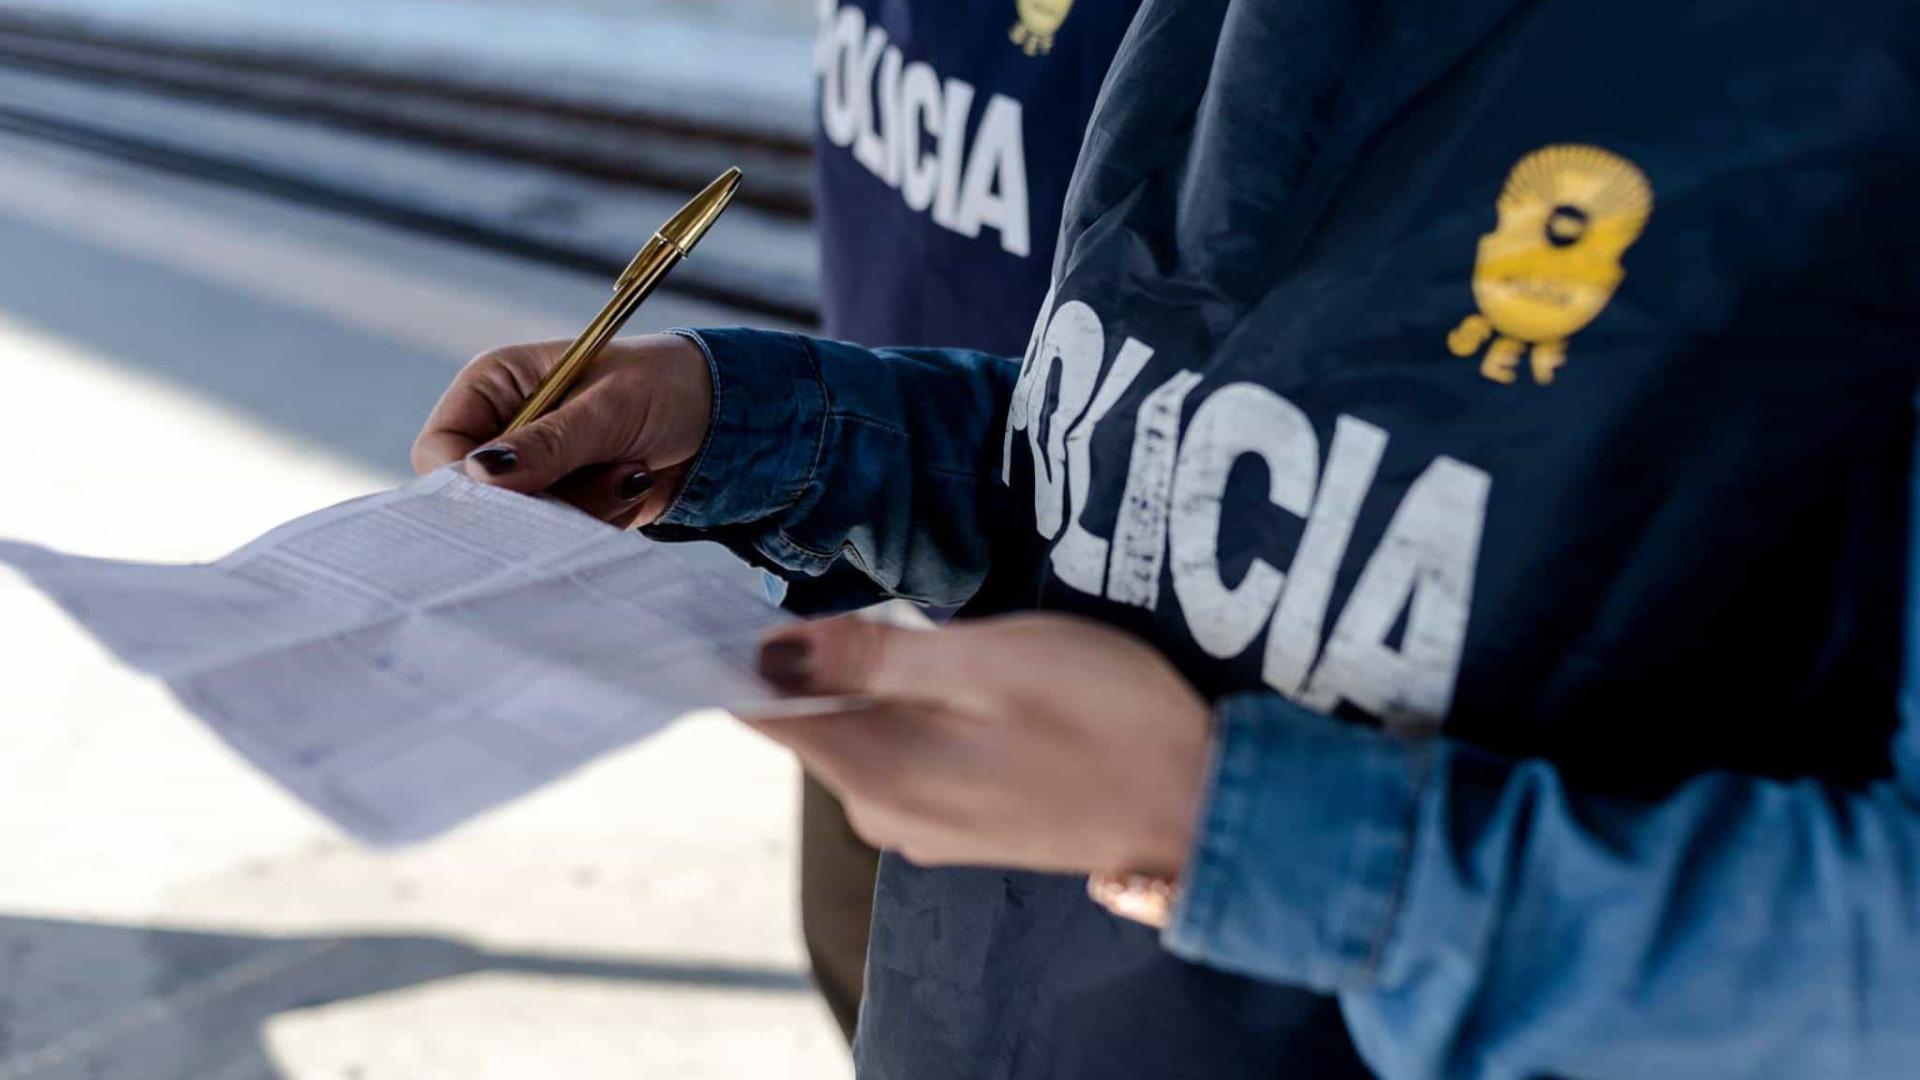 Pastores brasileiros são presos em Portugal por tráfico de pessoas